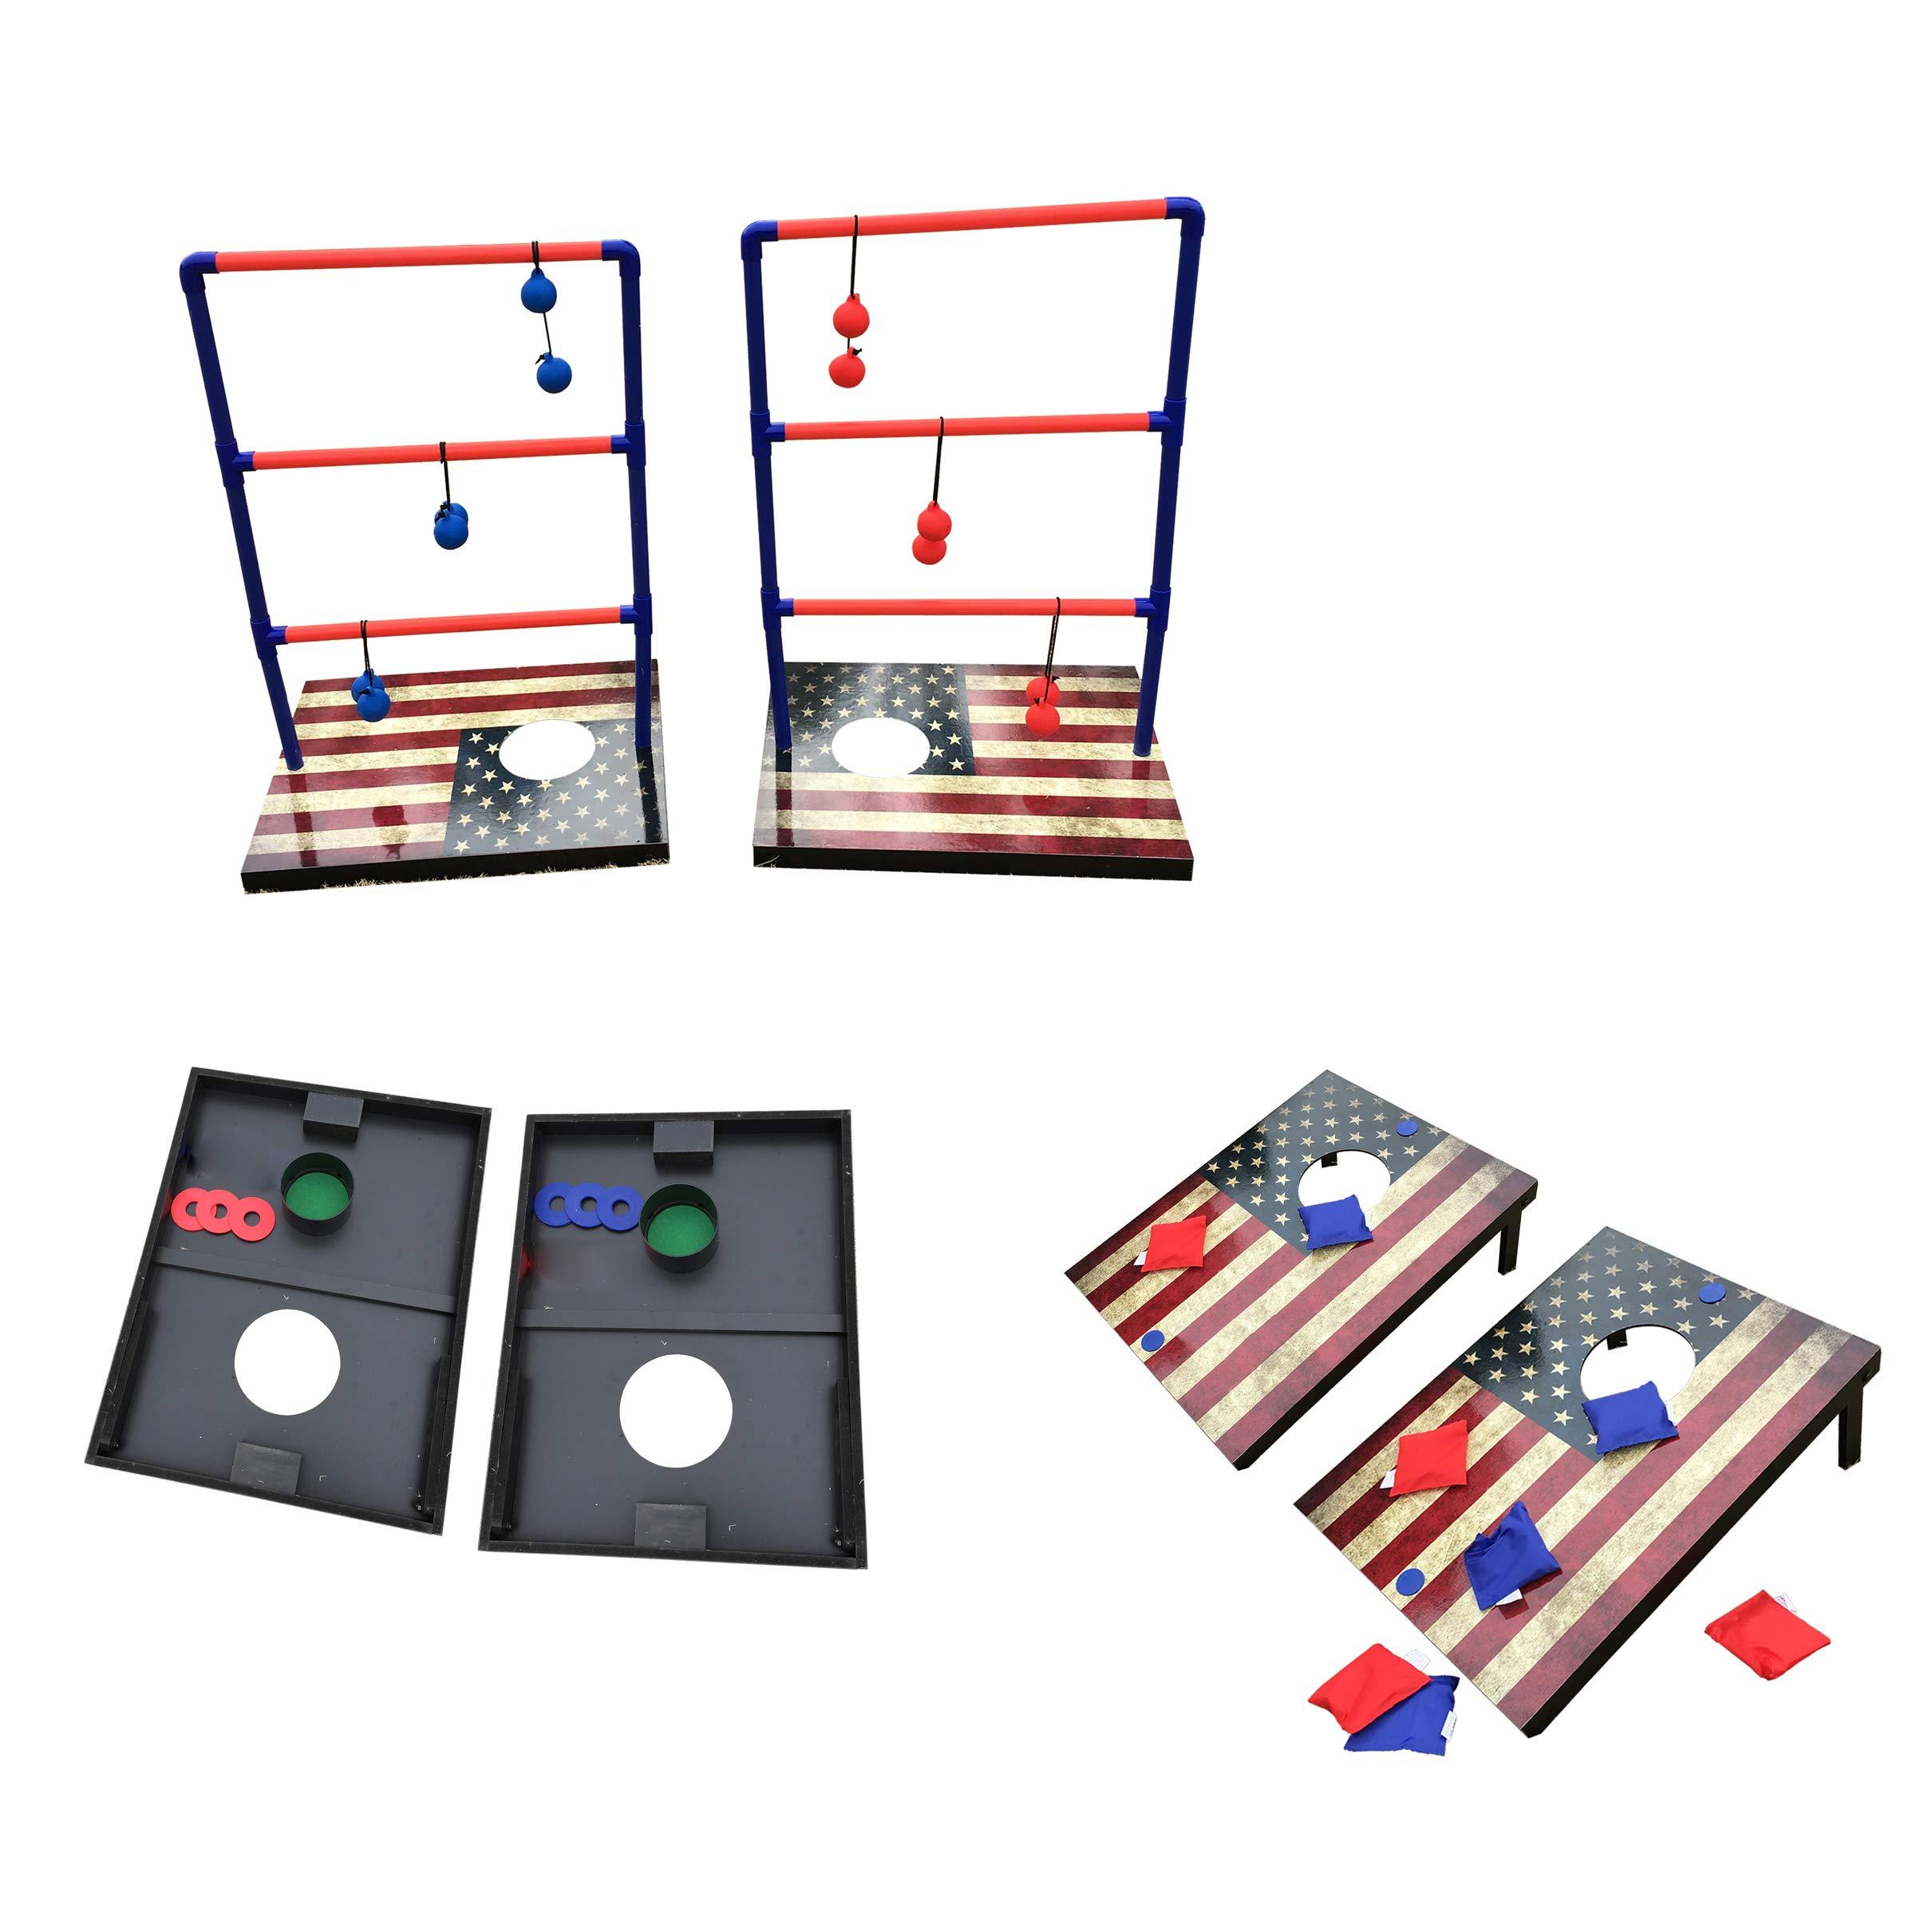 SportBeats - Juego de tostadas combinado, tablas de corné, puf para tartas, escalera y arandela 3 juegos en 1 para uso en interiores y exteriores: Amazon.es: Deportes y aire libre